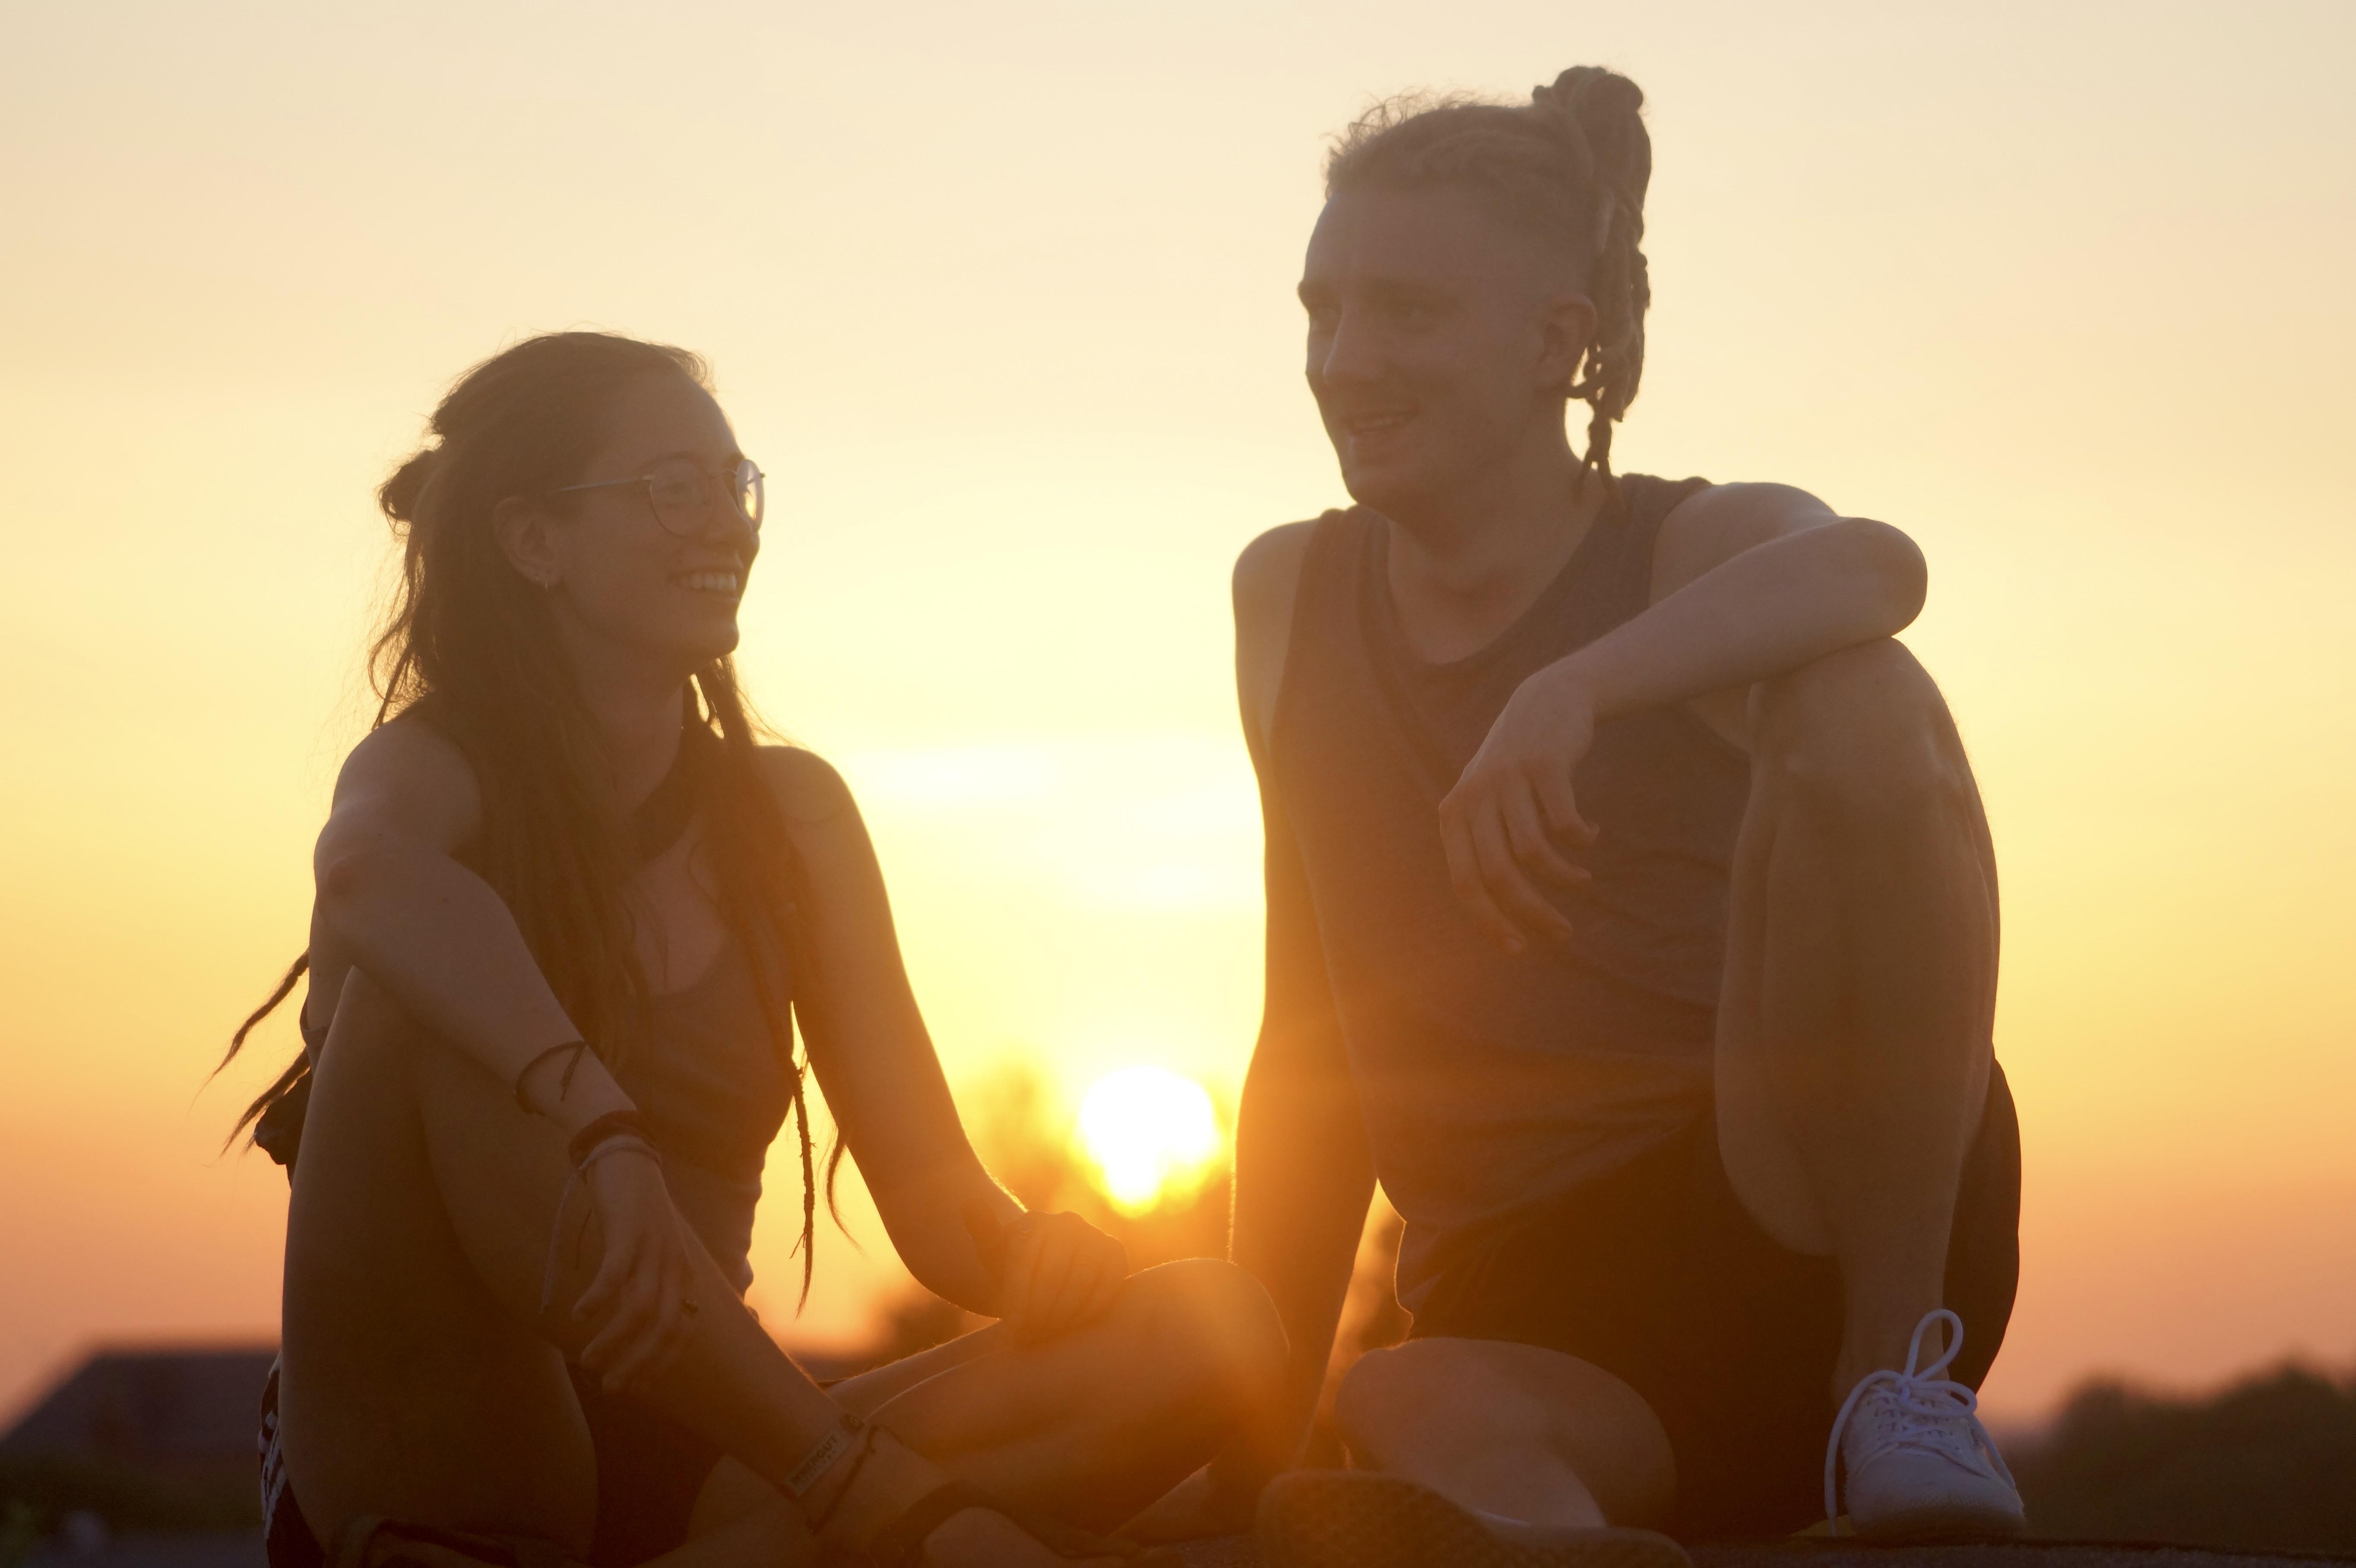 Ein Pärchen hält sich die Hände bei einem Sonnenuntergang.